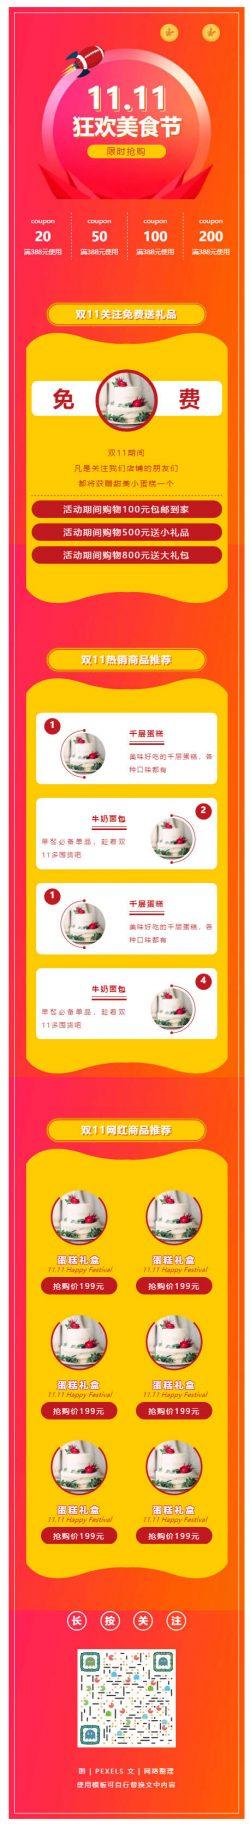 11.11狂欢美食节电商微信商淘宝京东微信推文模板推送素材